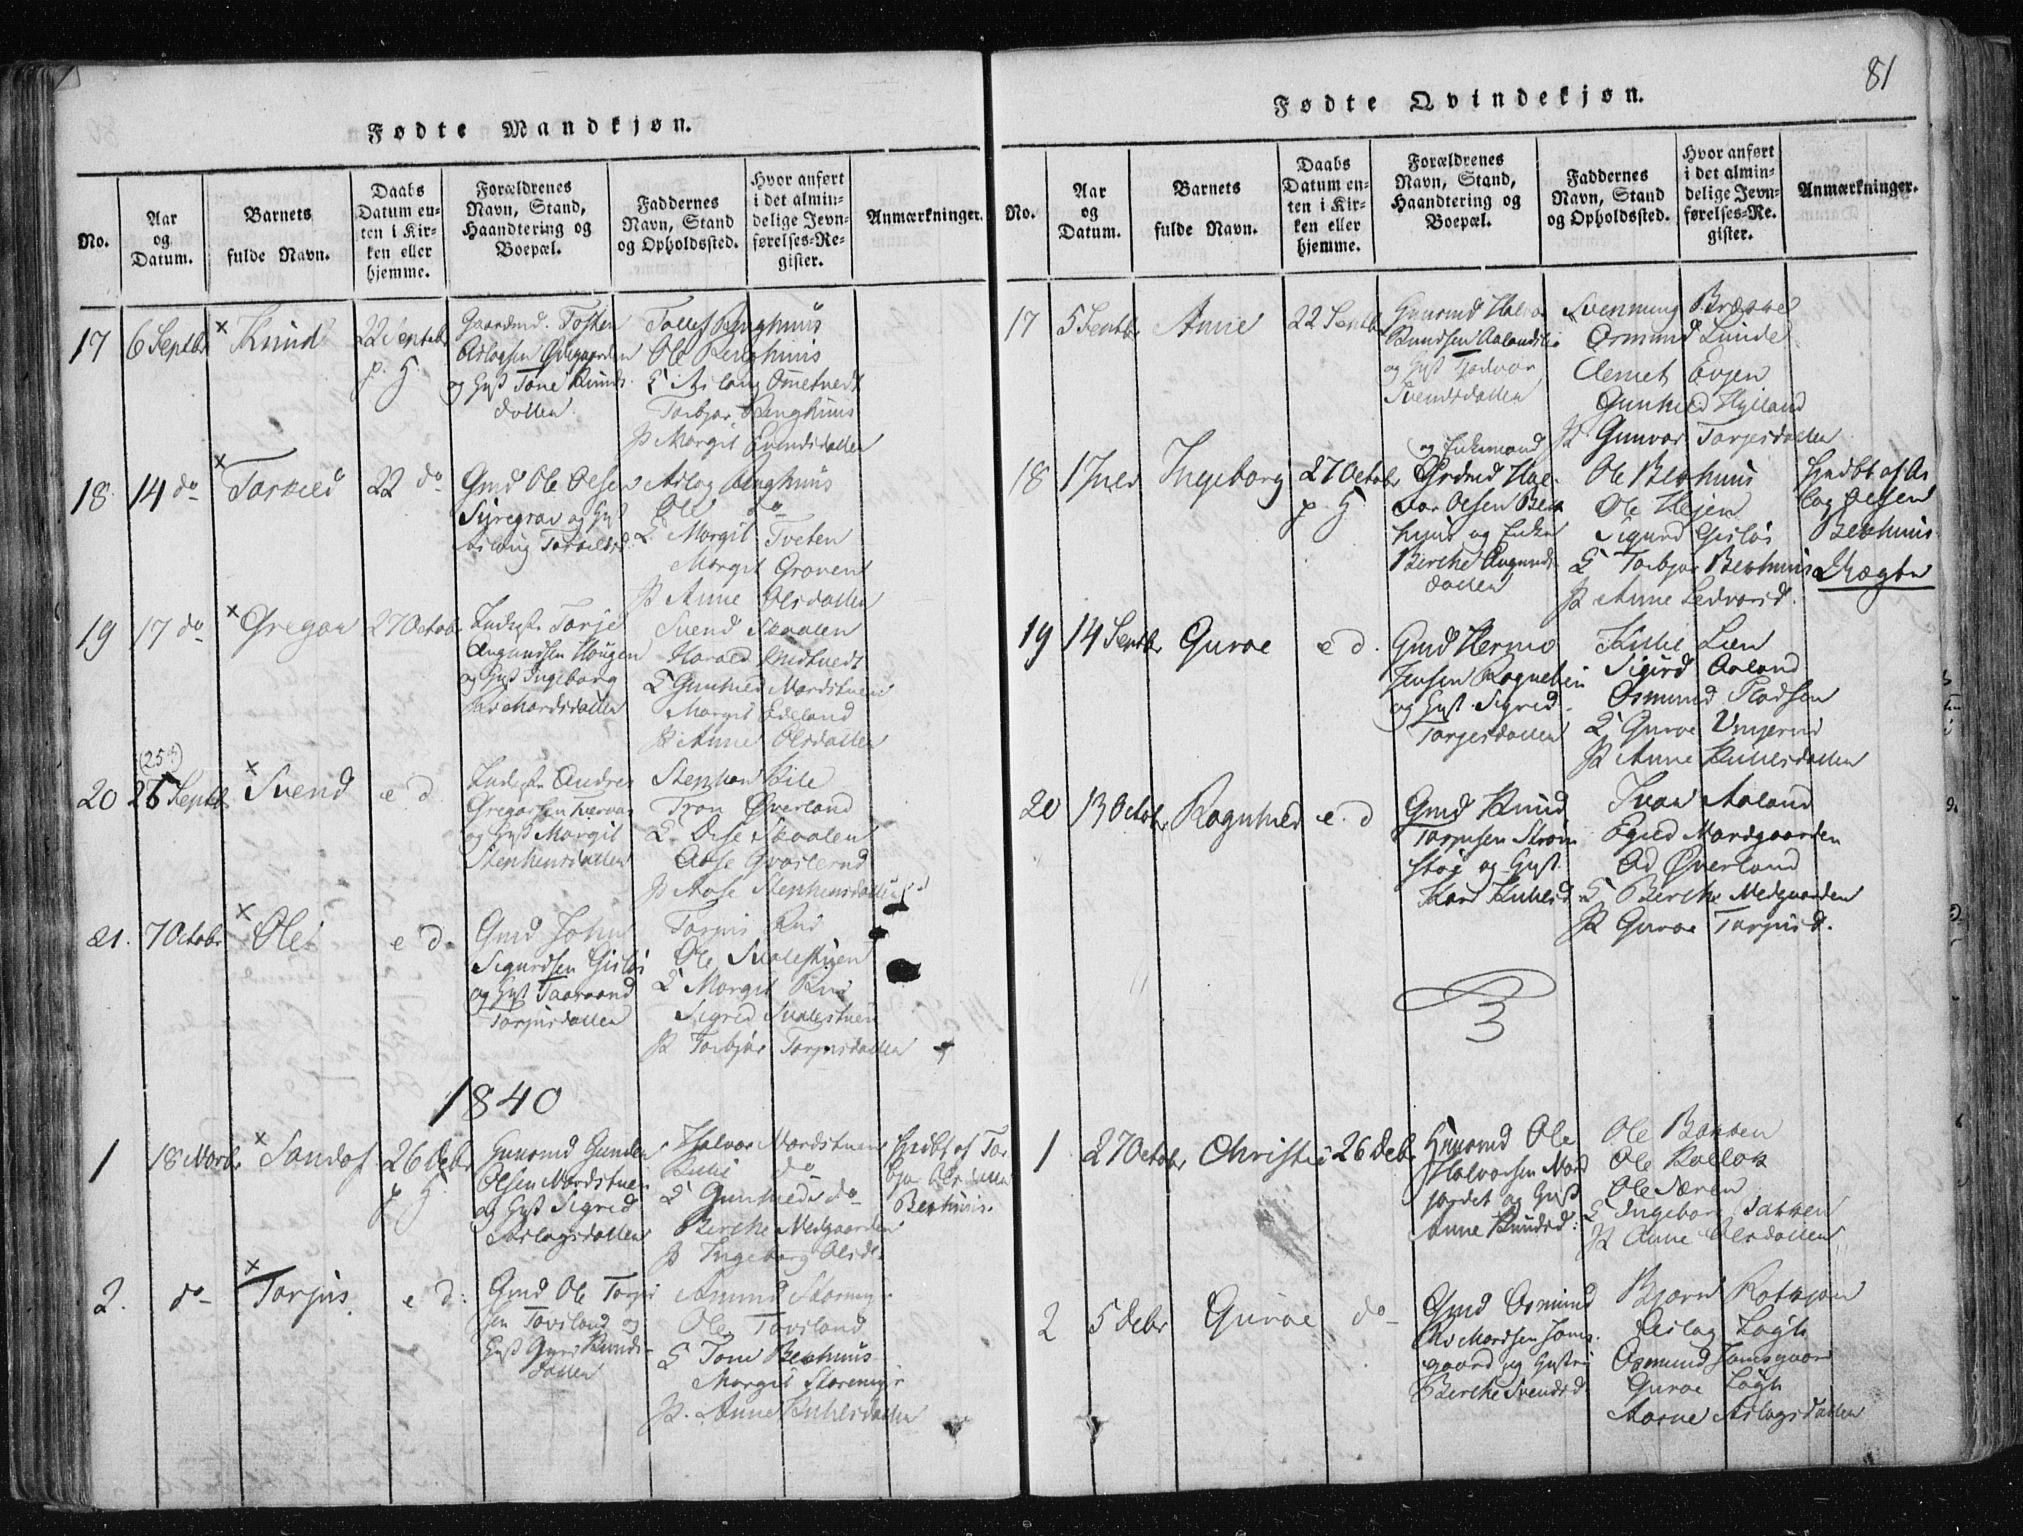 SAKO, Vinje kirkebøker, F/Fa/L0003: Ministerialbok nr. I 3, 1814-1843, s. 81